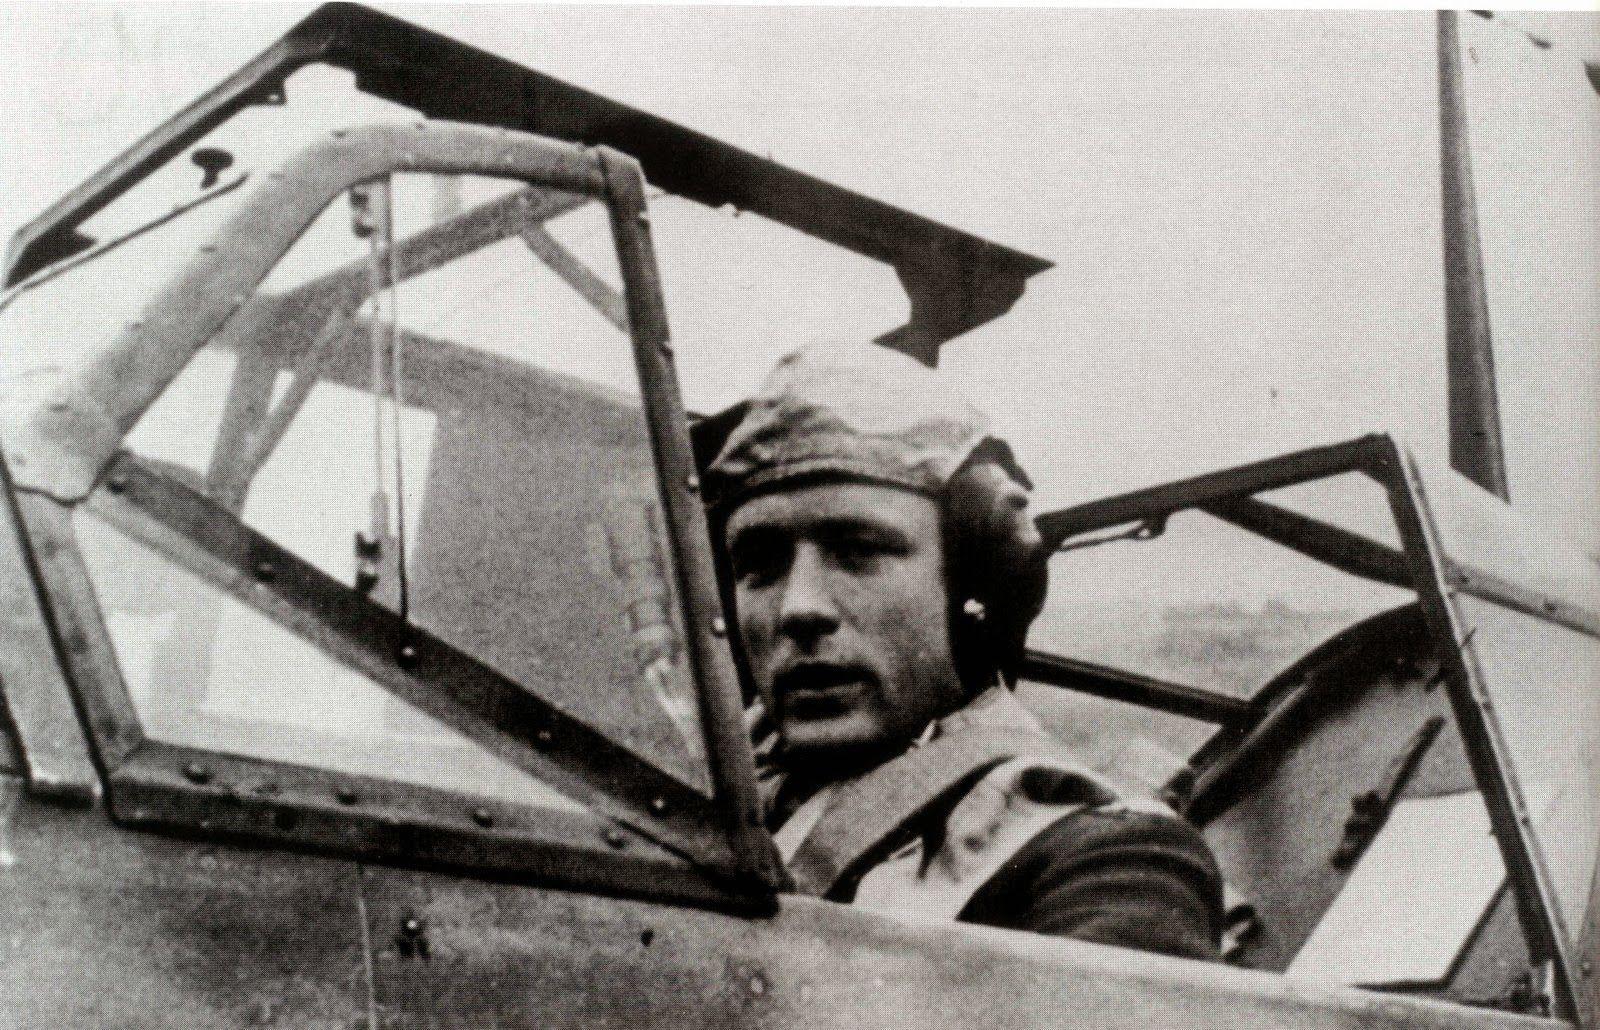 oberst gunther freiherr von maltzahn flew 497 missions and. Black Bedroom Furniture Sets. Home Design Ideas